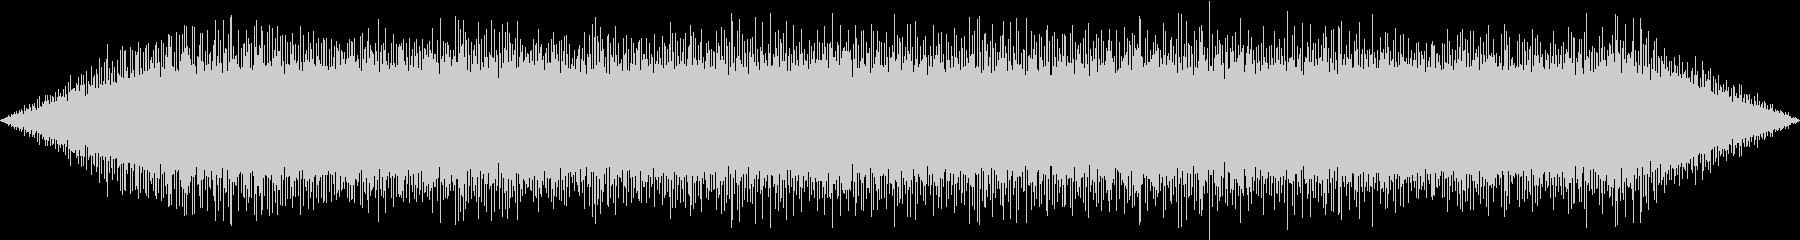 【生録音】エアコンの室外機の音 1の未再生の波形